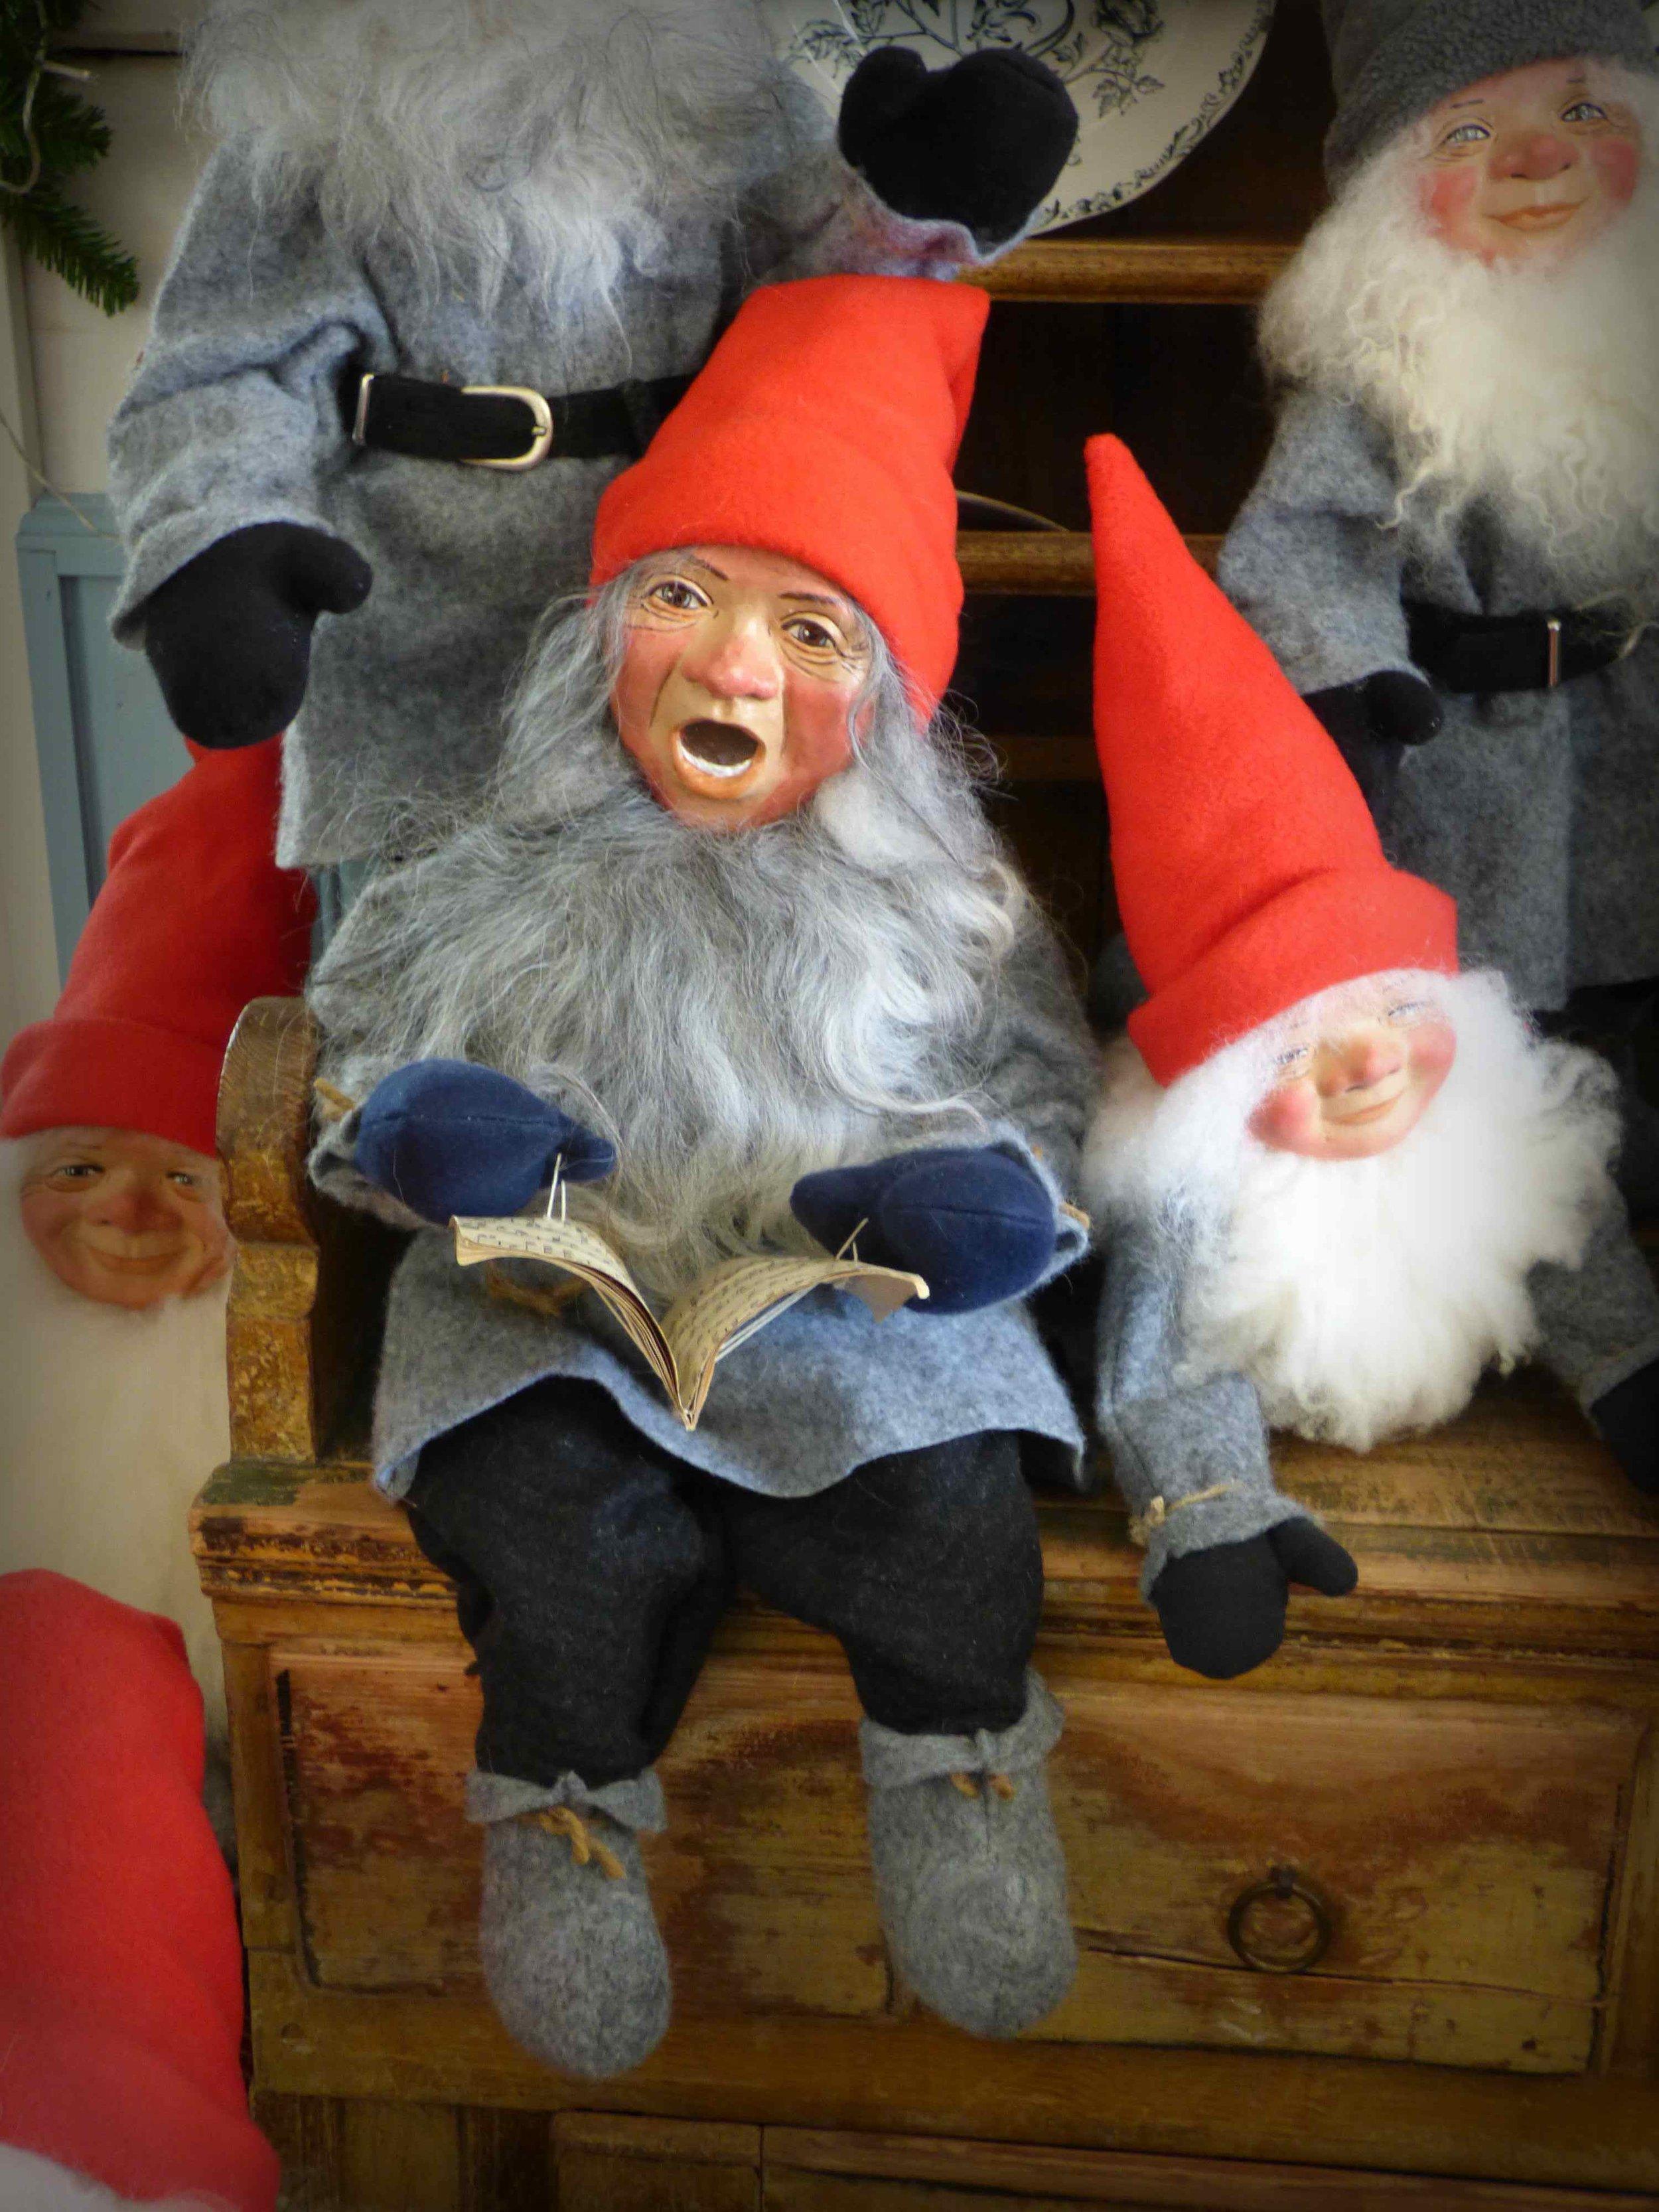 A singing elf